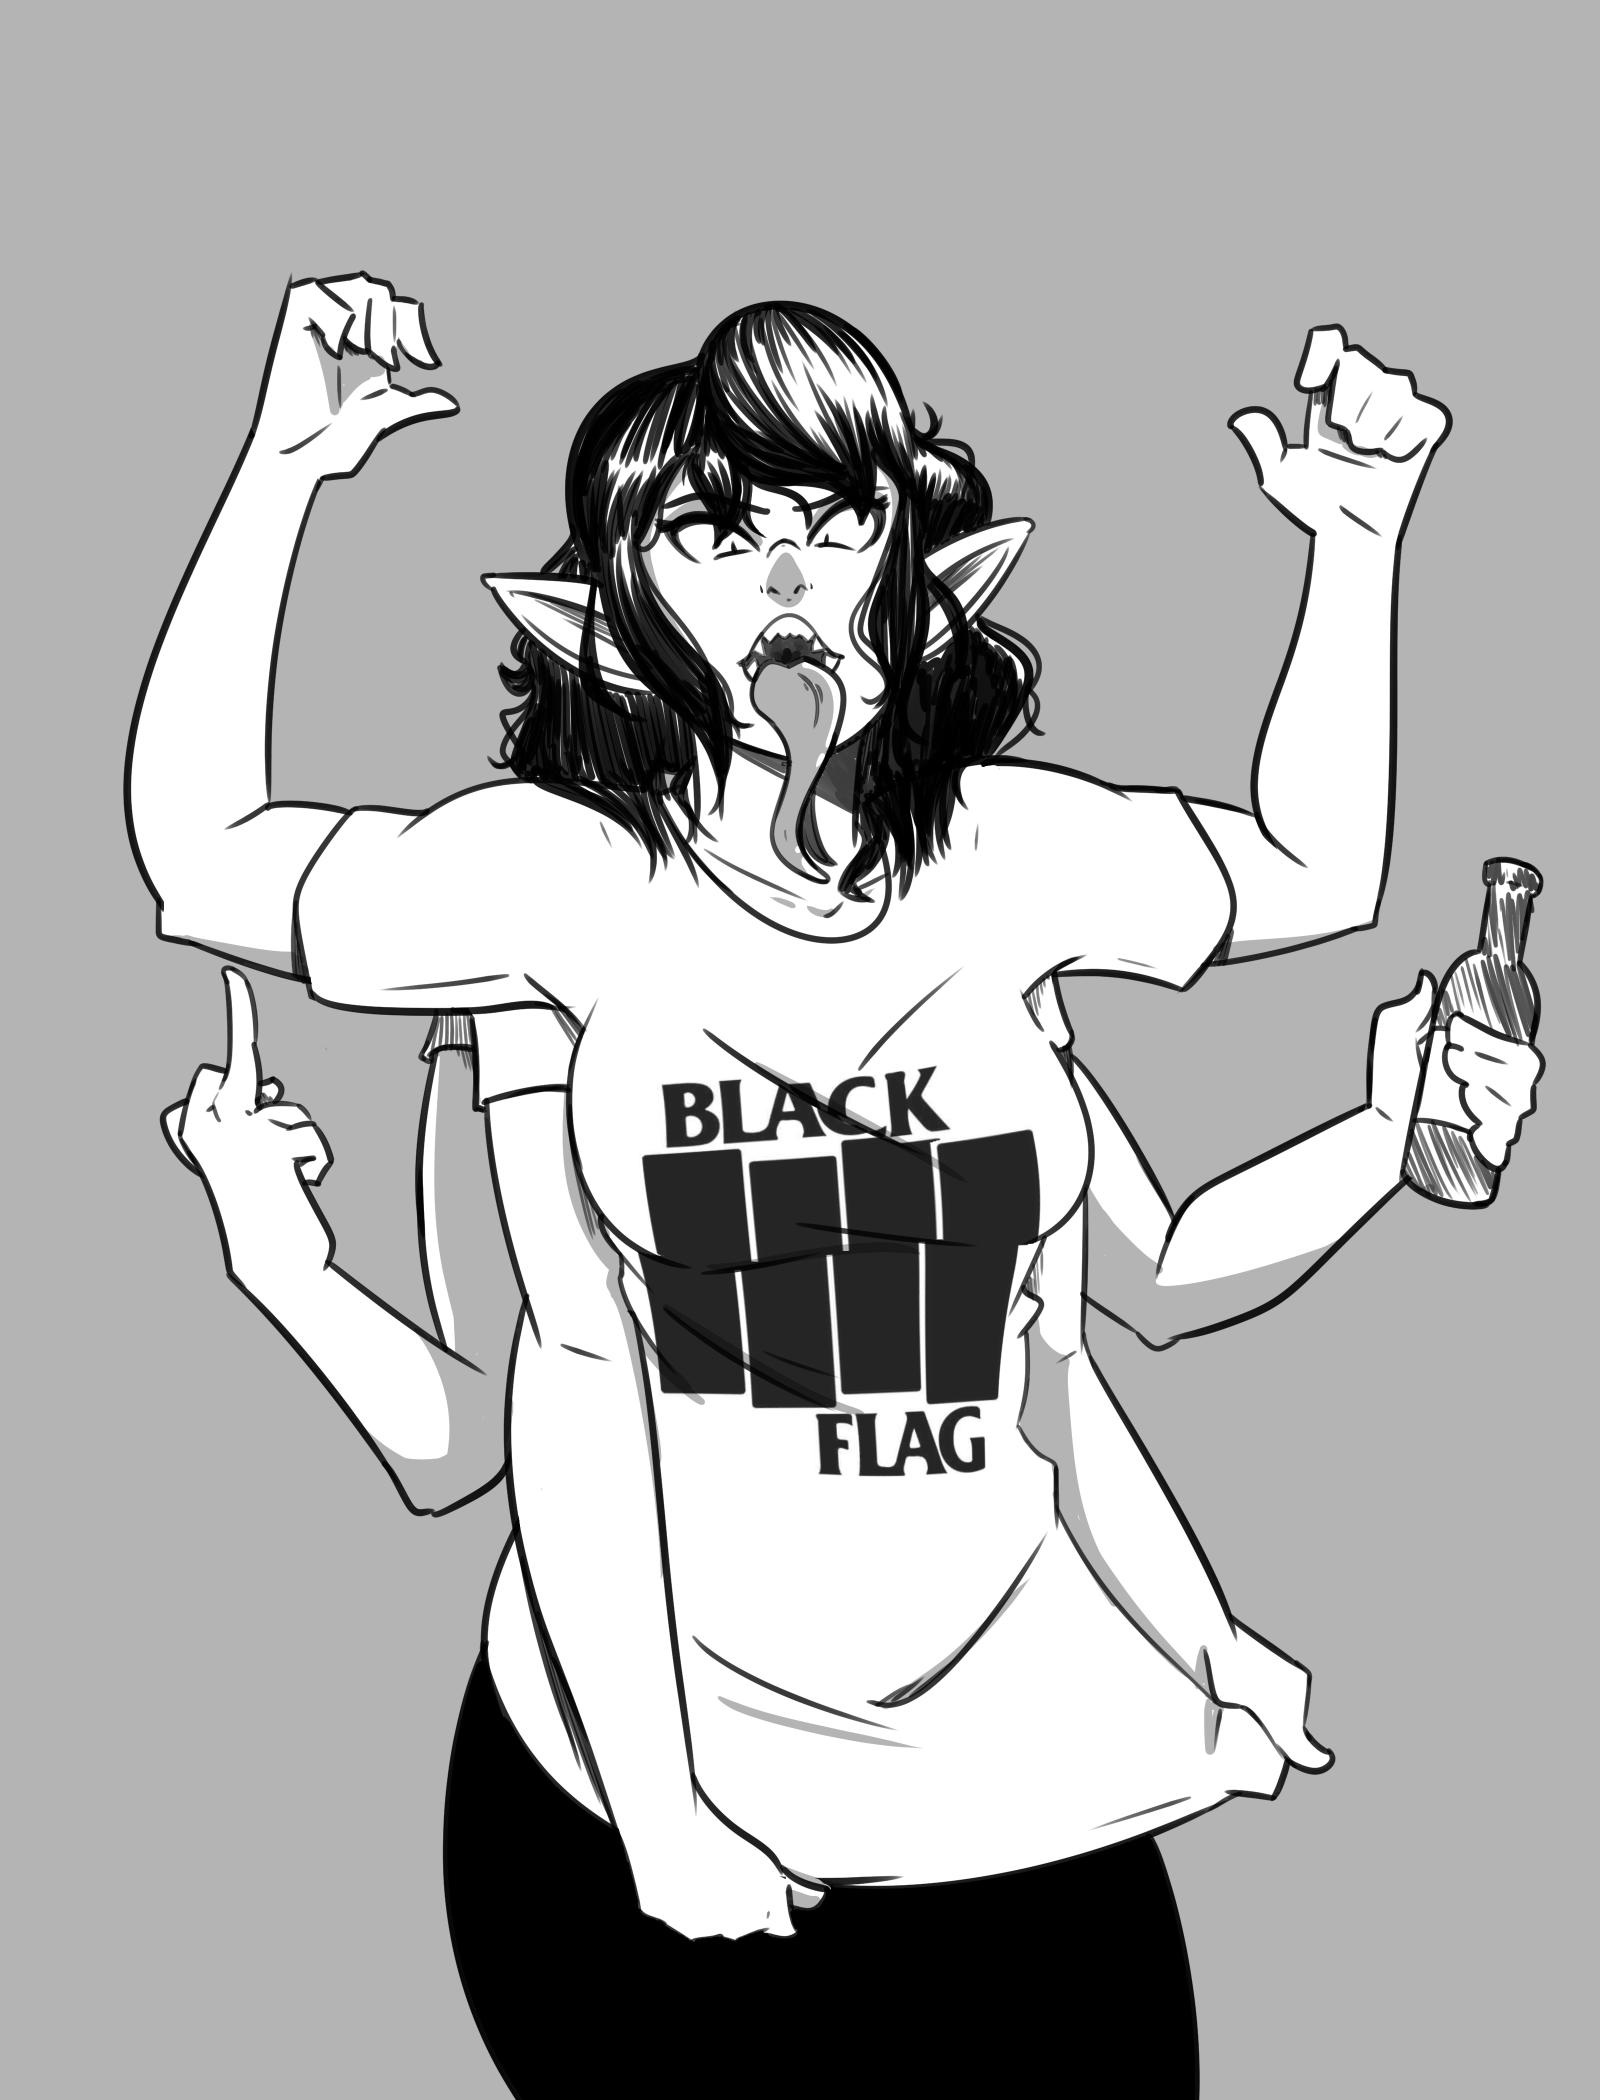 blackflag.png